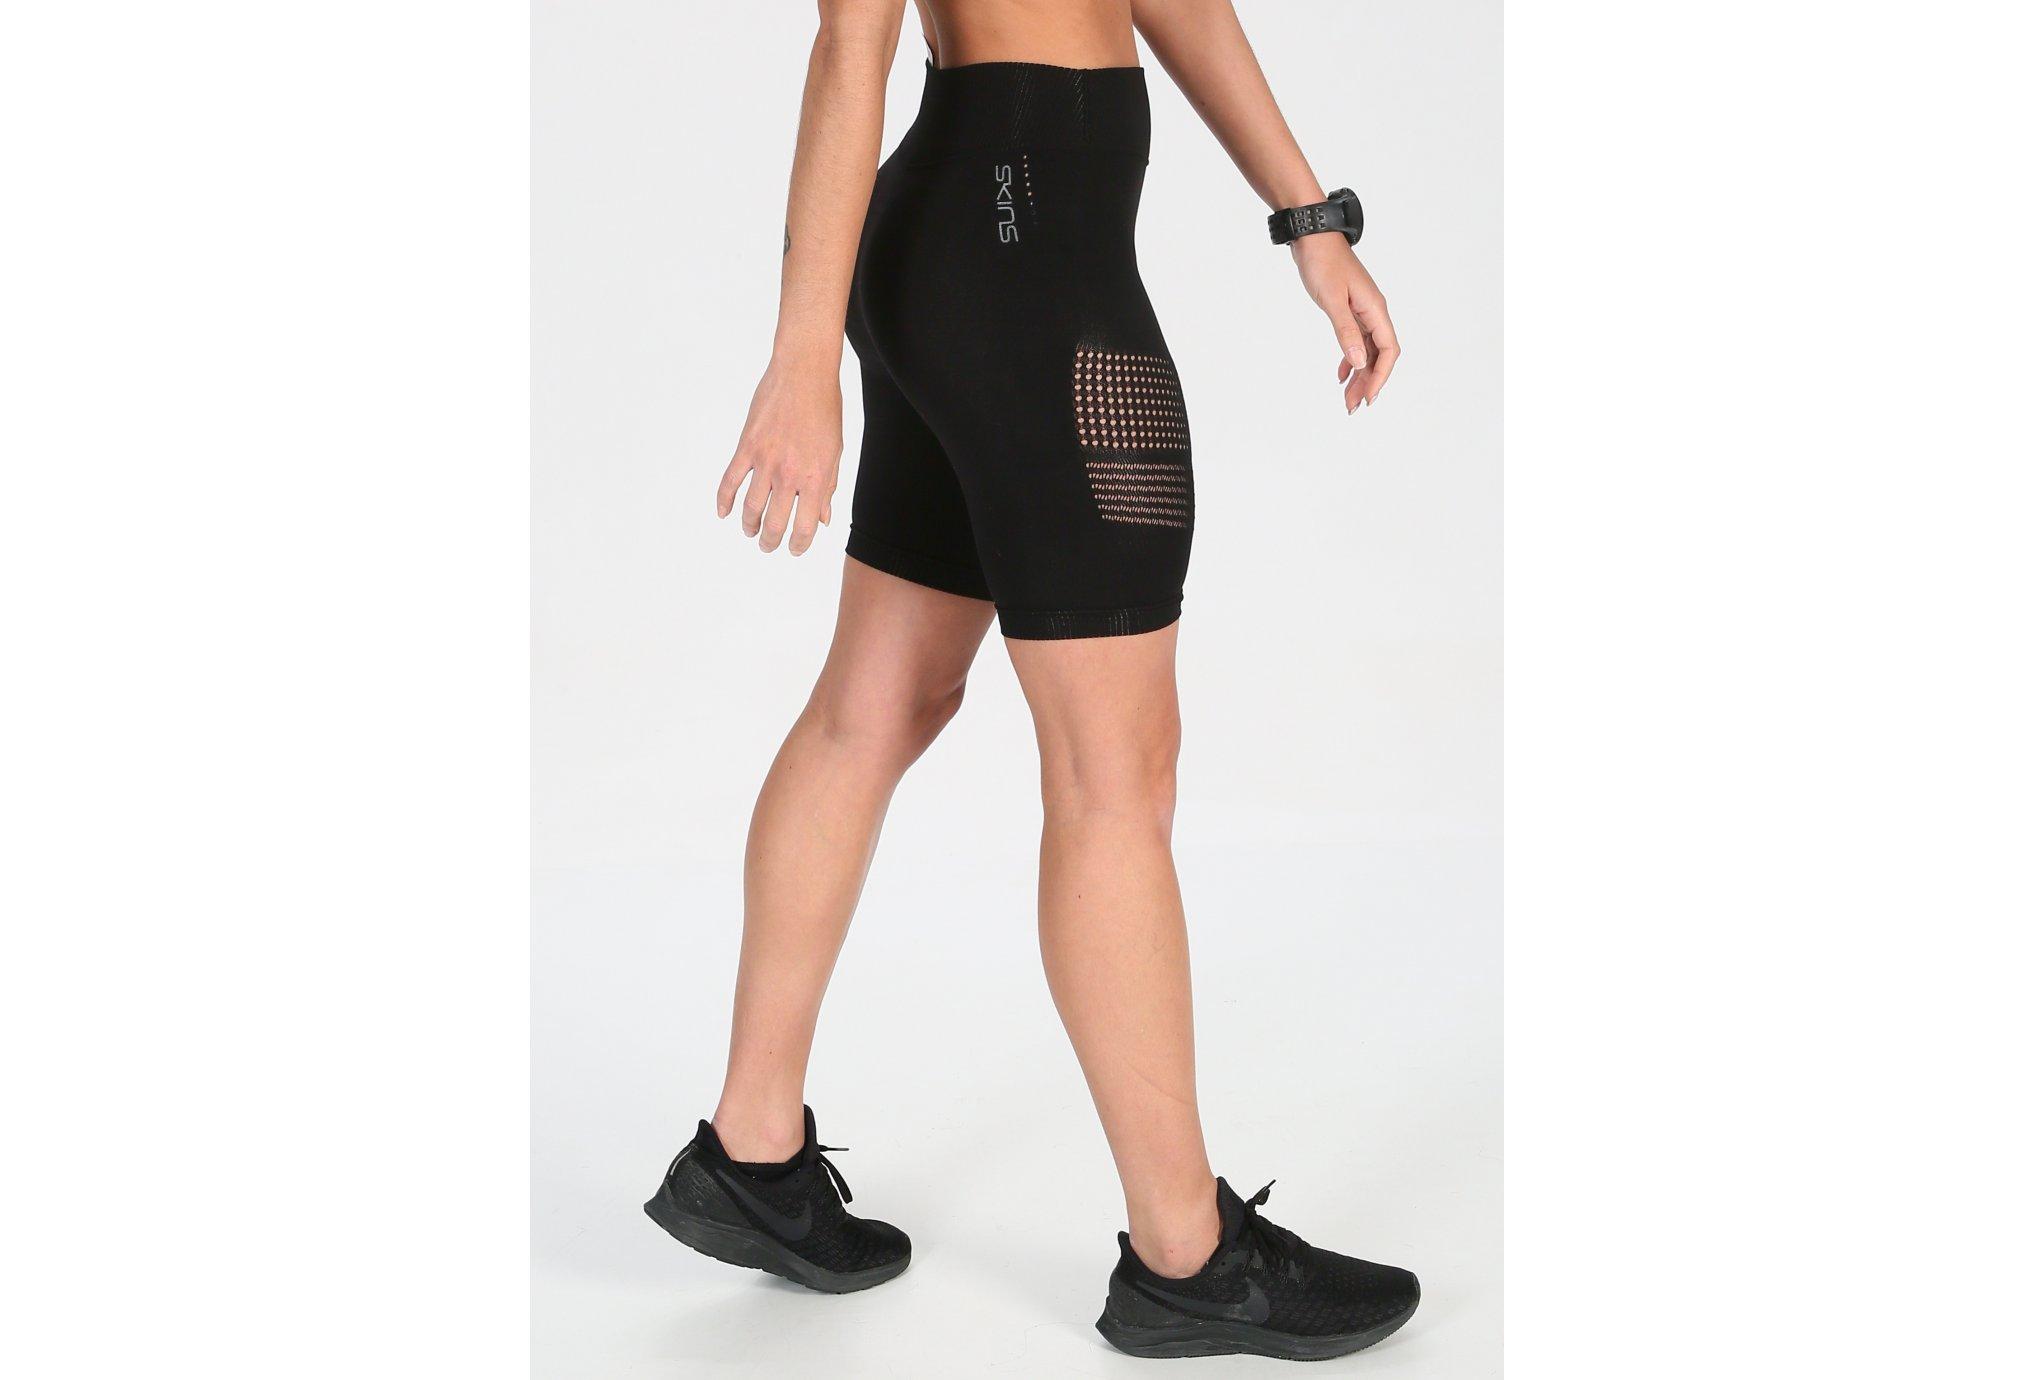 Skins DNAmic Seamless Square W Diététique Vêtements femme